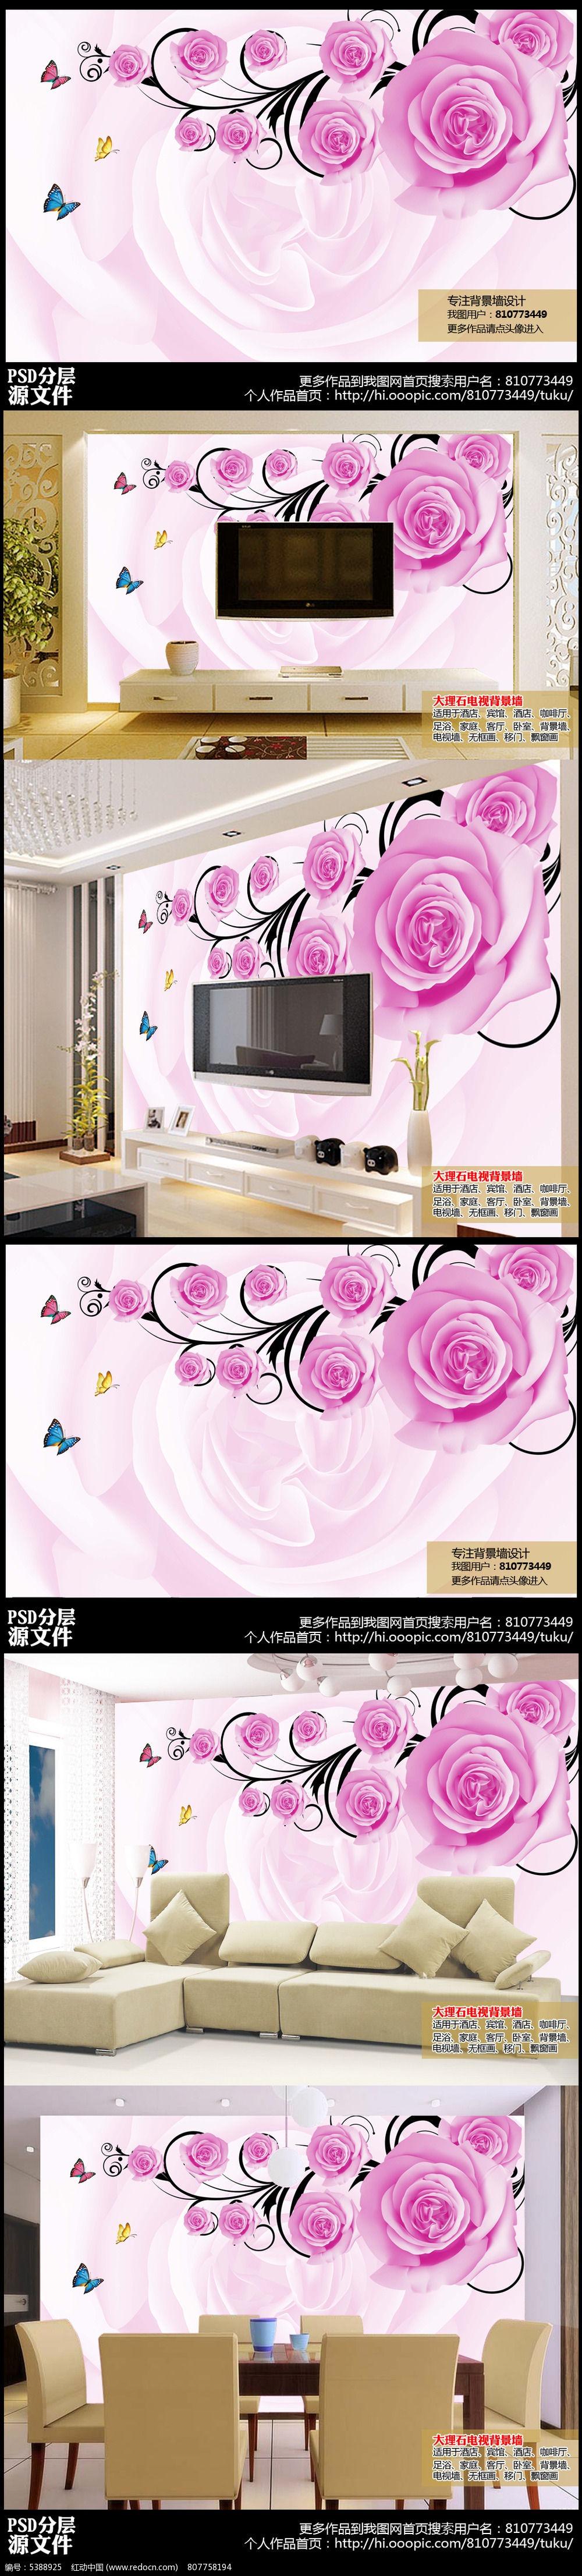 高清粉红玫瑰电视背景墙设计图片